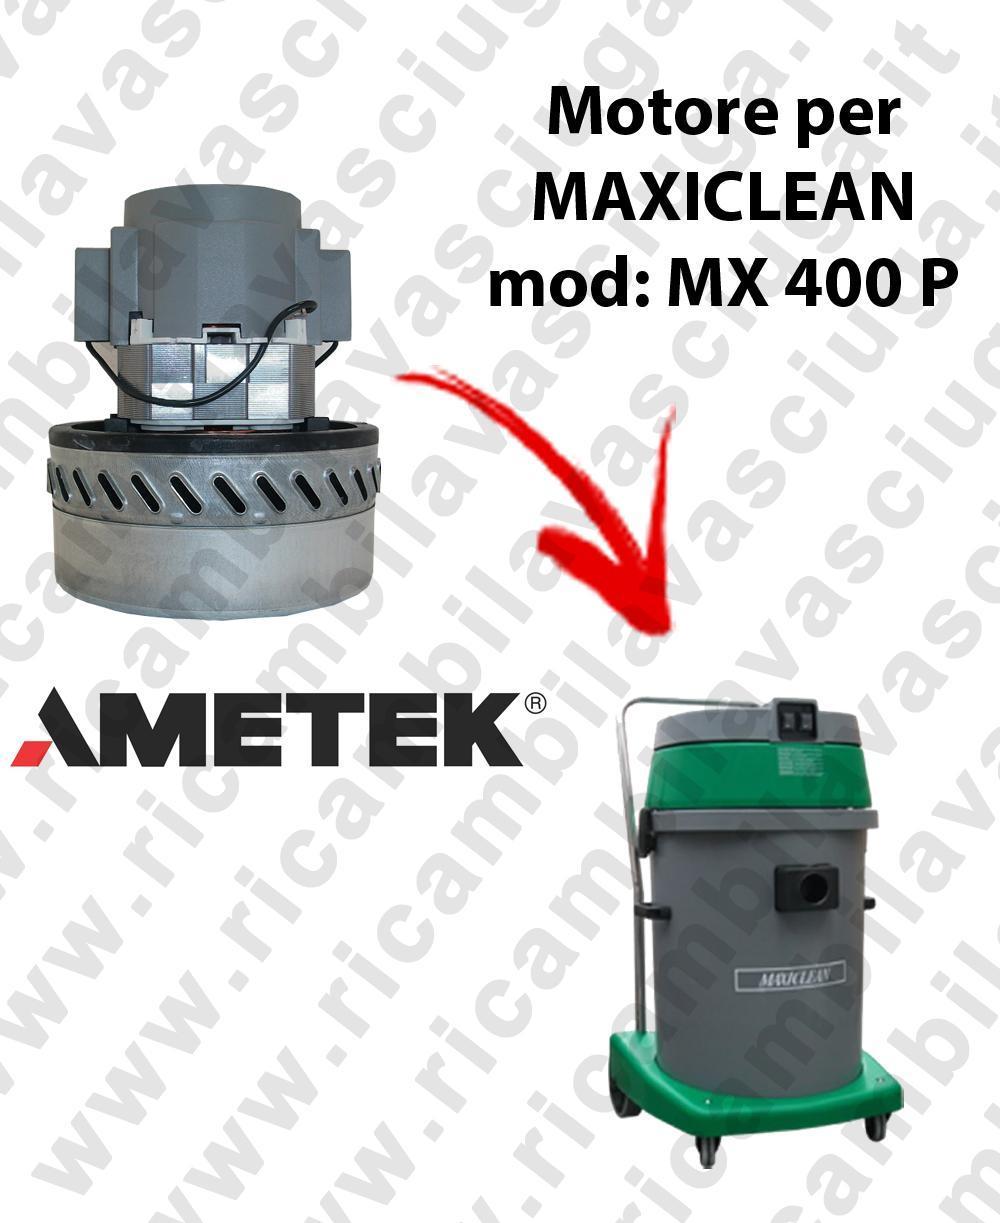 MX 400 P Motore de aspiración AMETEK para aspiradora y aspiradora húmeda MAXICLEAN